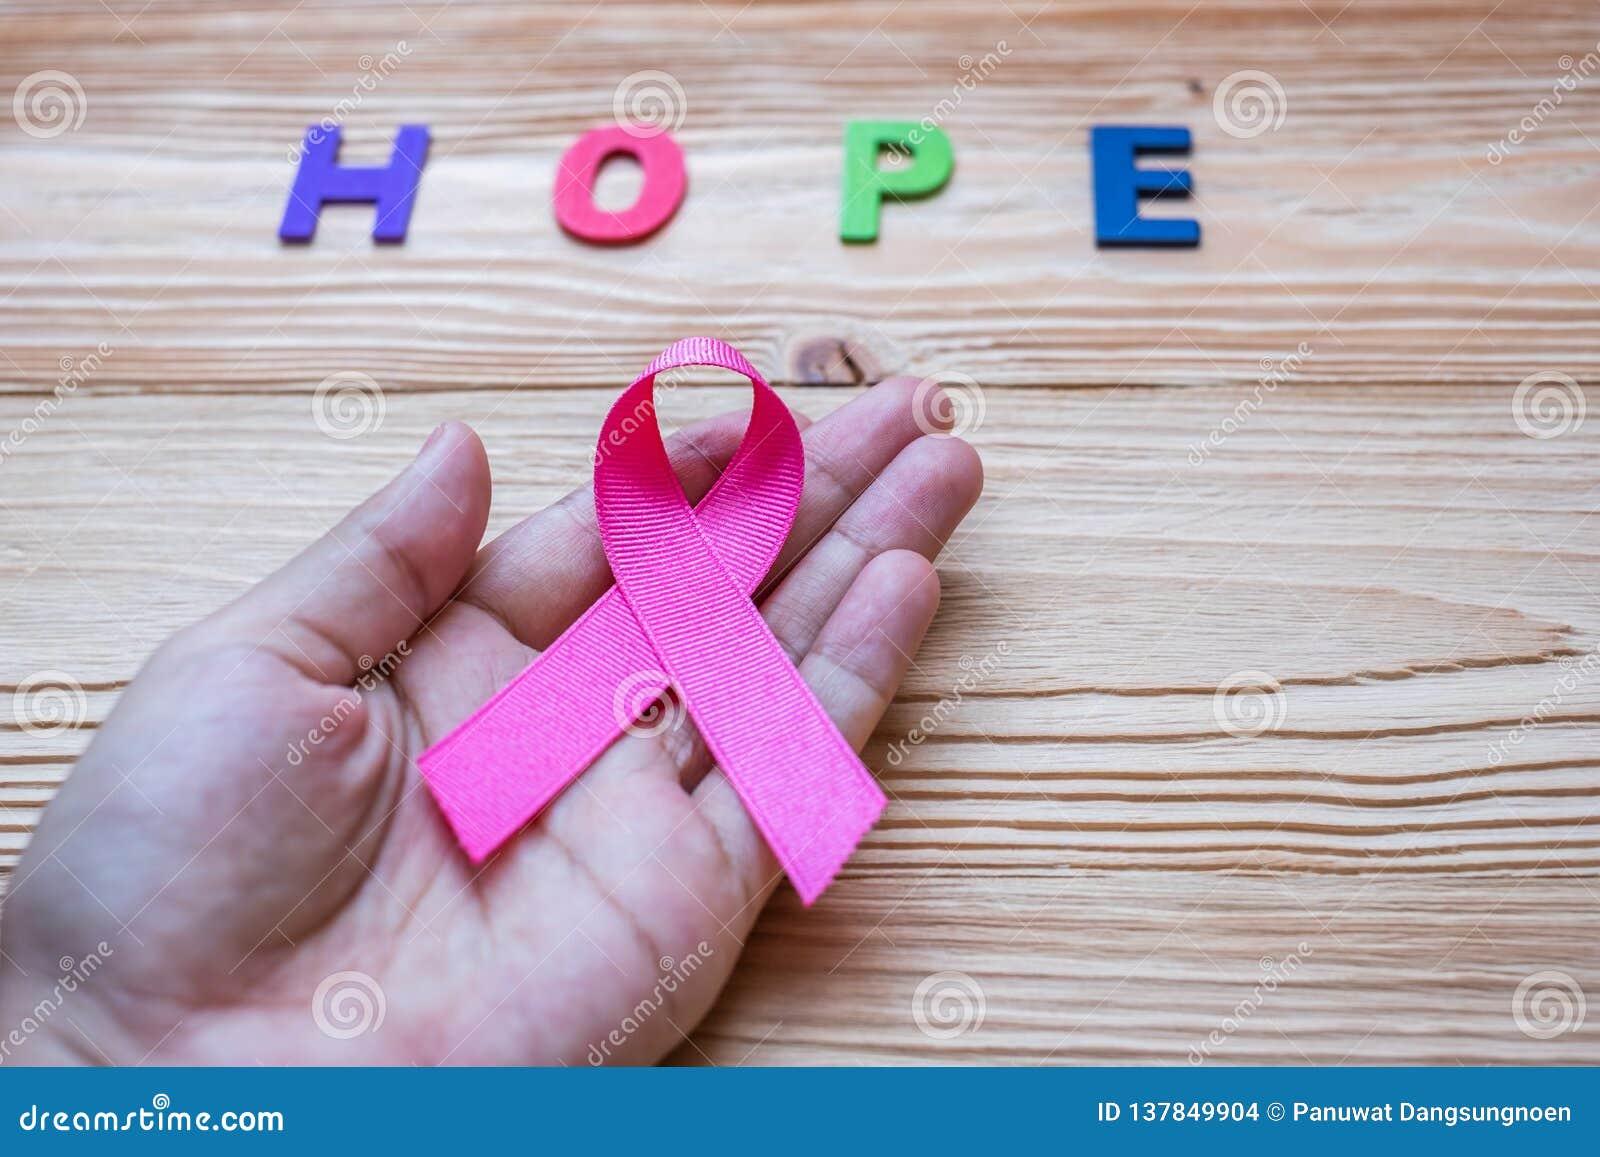 Mondo cancro giorno 4 febbraio o cancro al seno, lettera di speranza e nastro rosa su fondo di legno per la gente sostenente vive